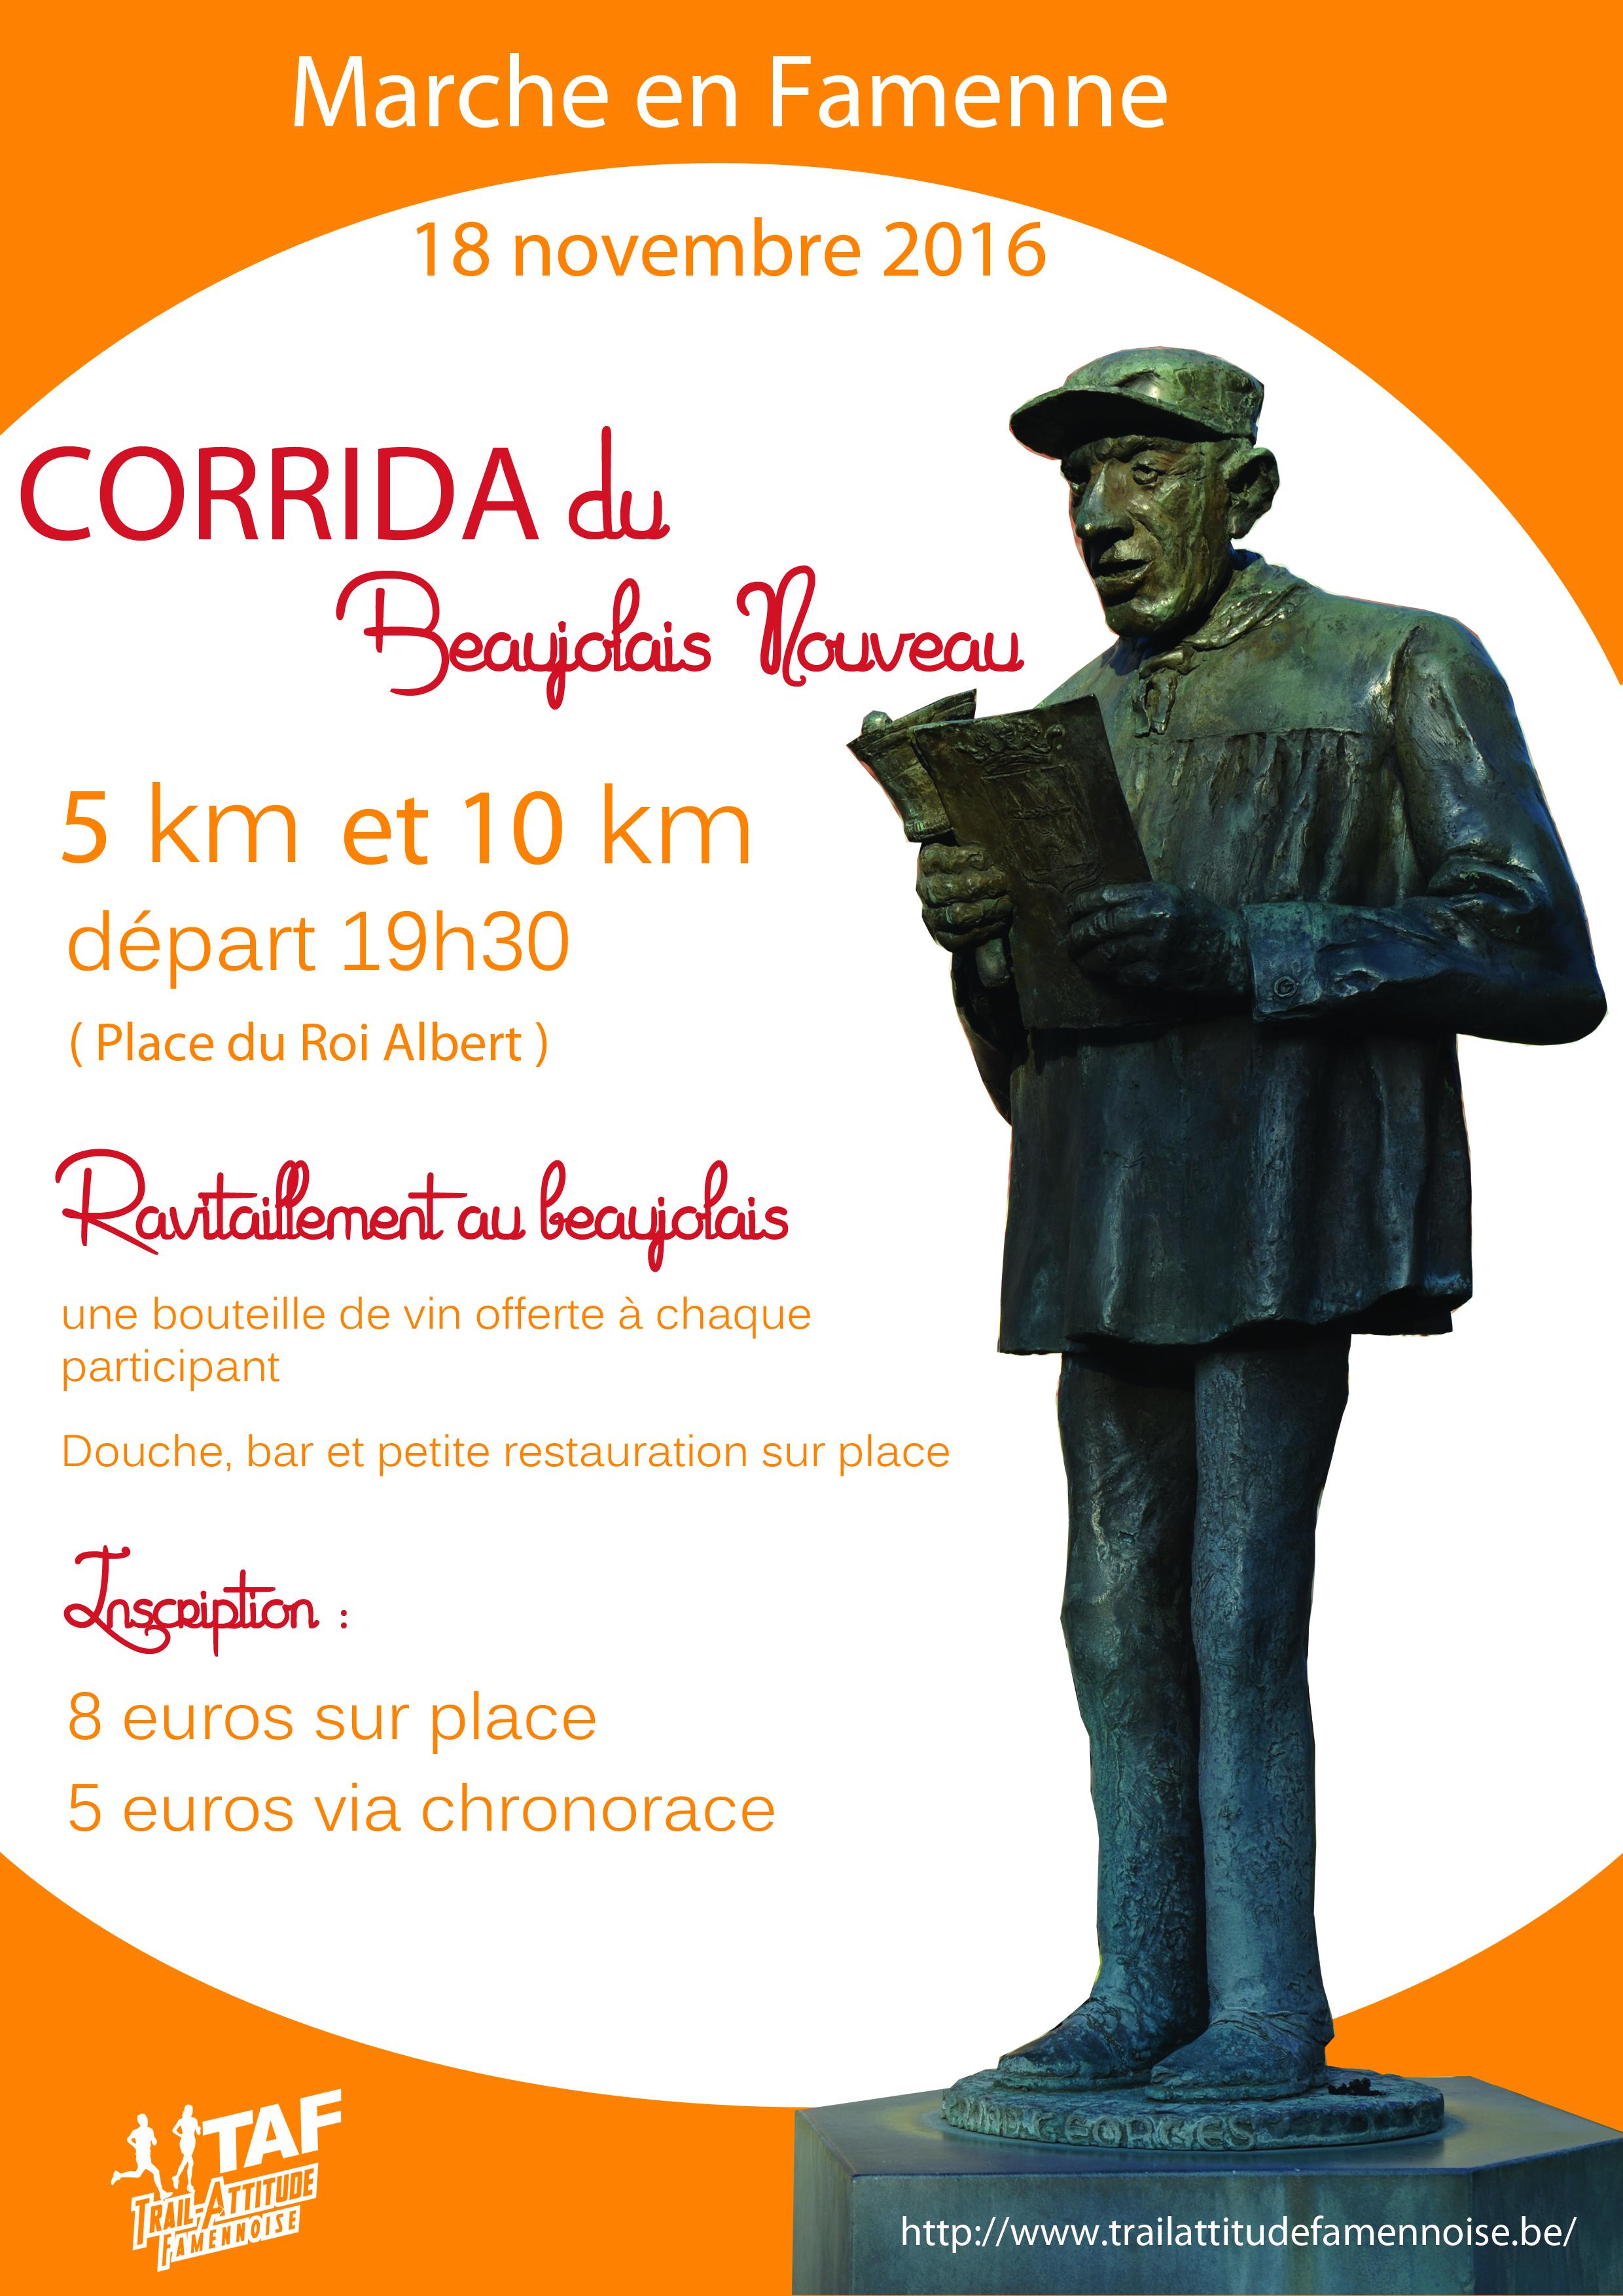 """Résultat de recherche d'images pour """"corrida du beaujolais nouveau"""""""